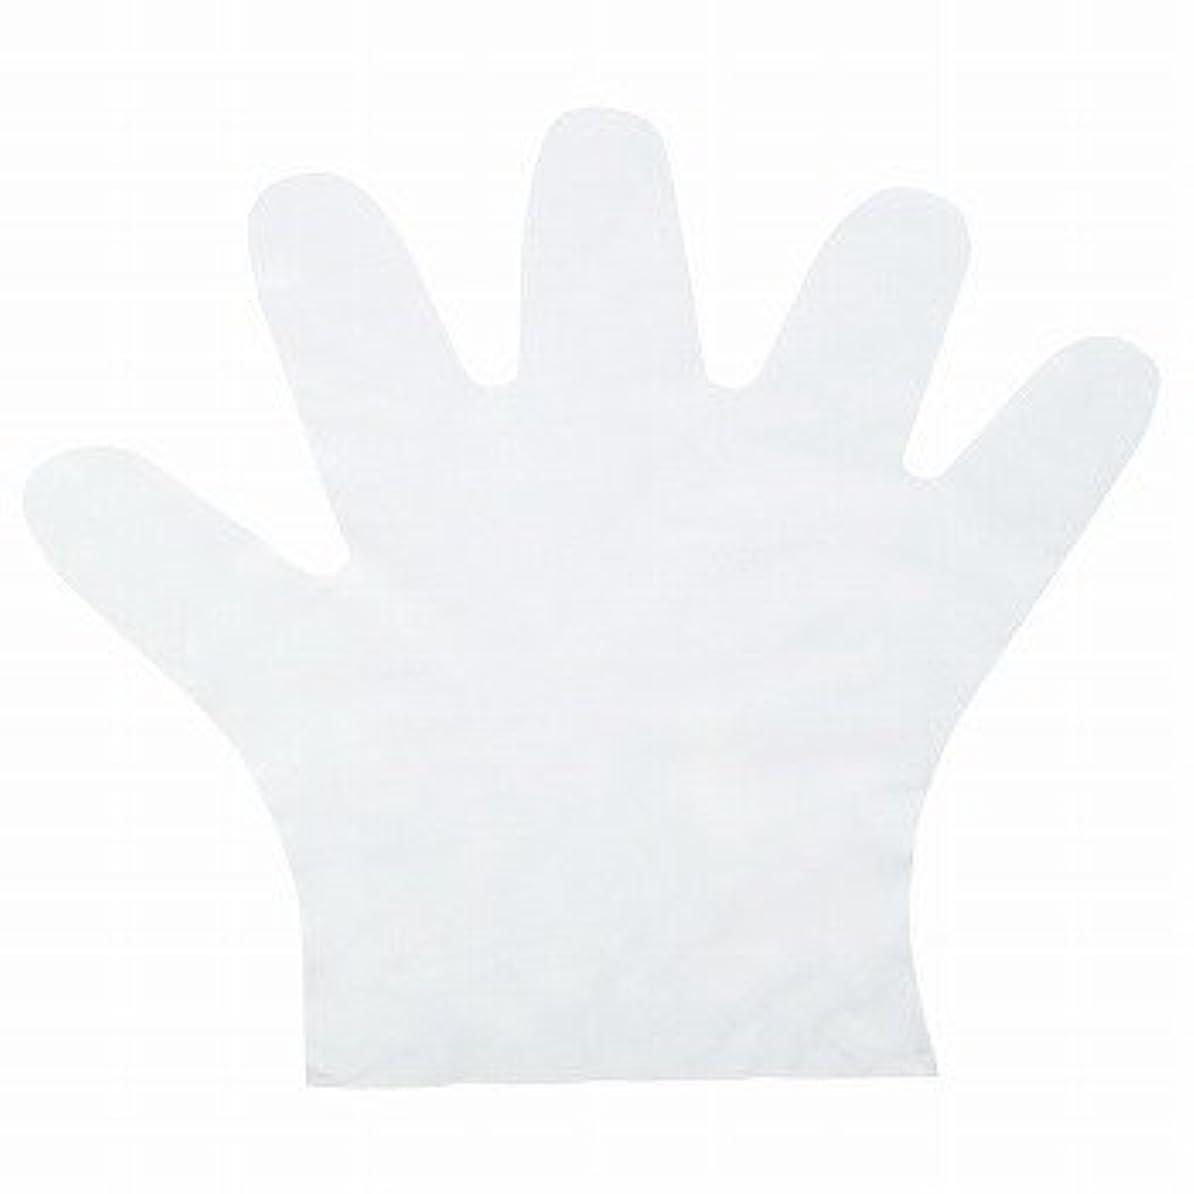 おたふく手袋/ポリエチディスポ(LD) [100枚入]/品番:248 サイズ:M